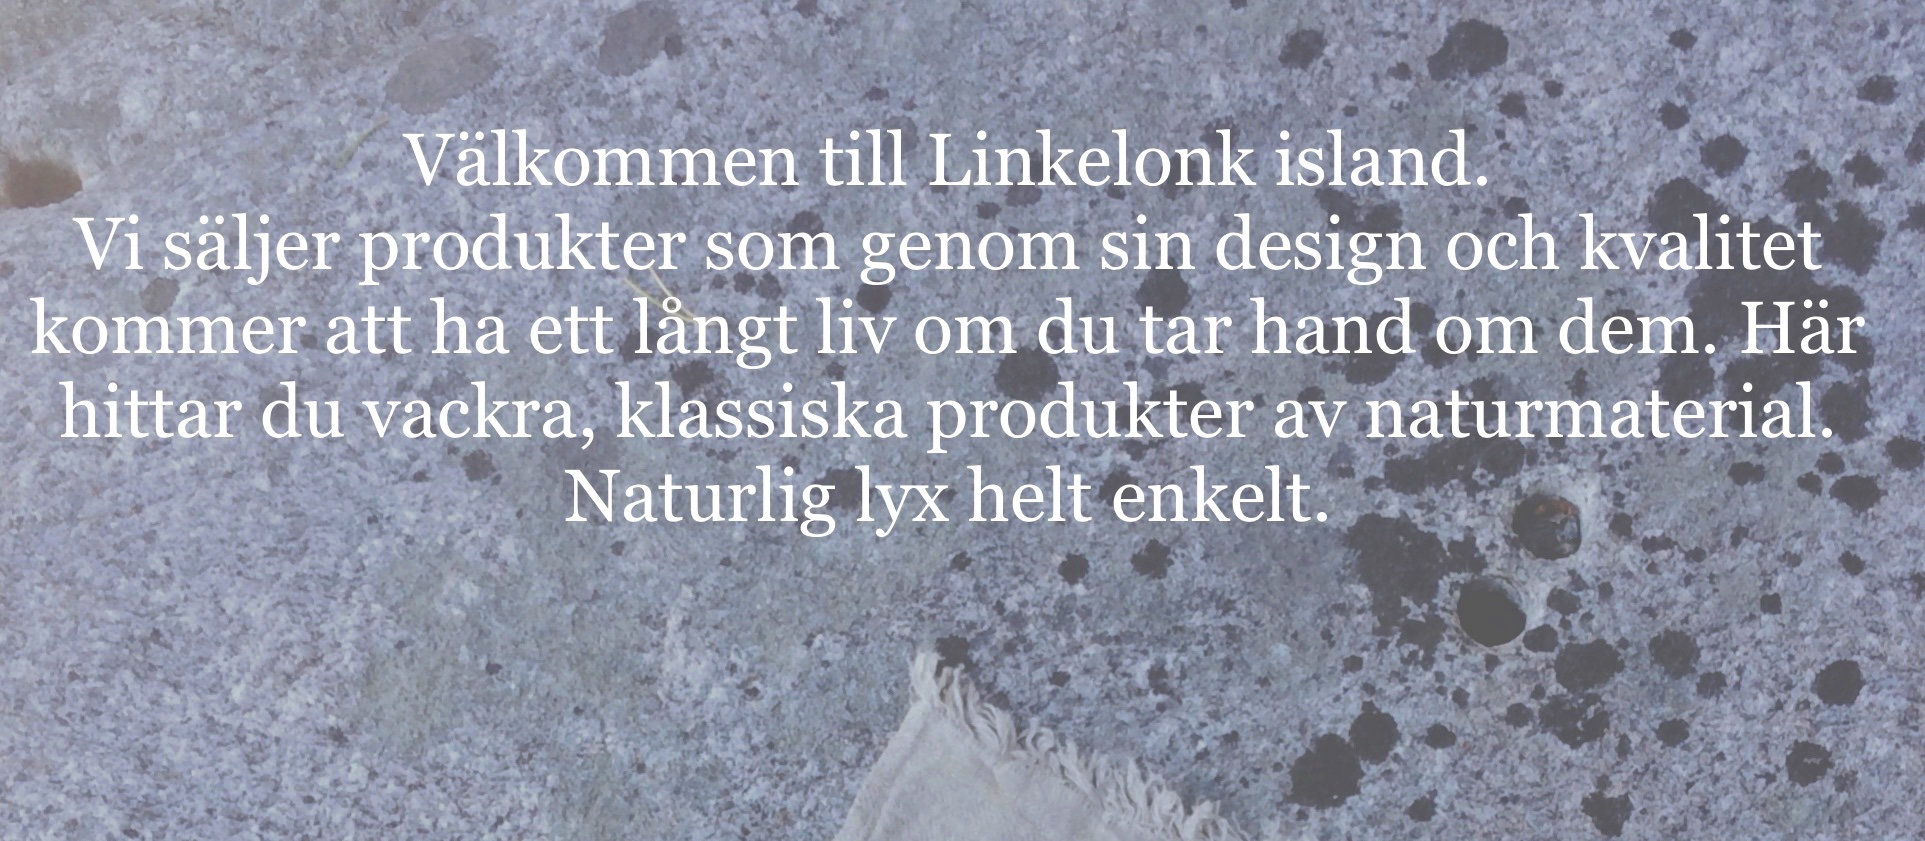 Välkommen till Linkelonk island. Här hittar du vackra, klassiska produkter av naturmaterial. Naturlig lyx helt enkelt.